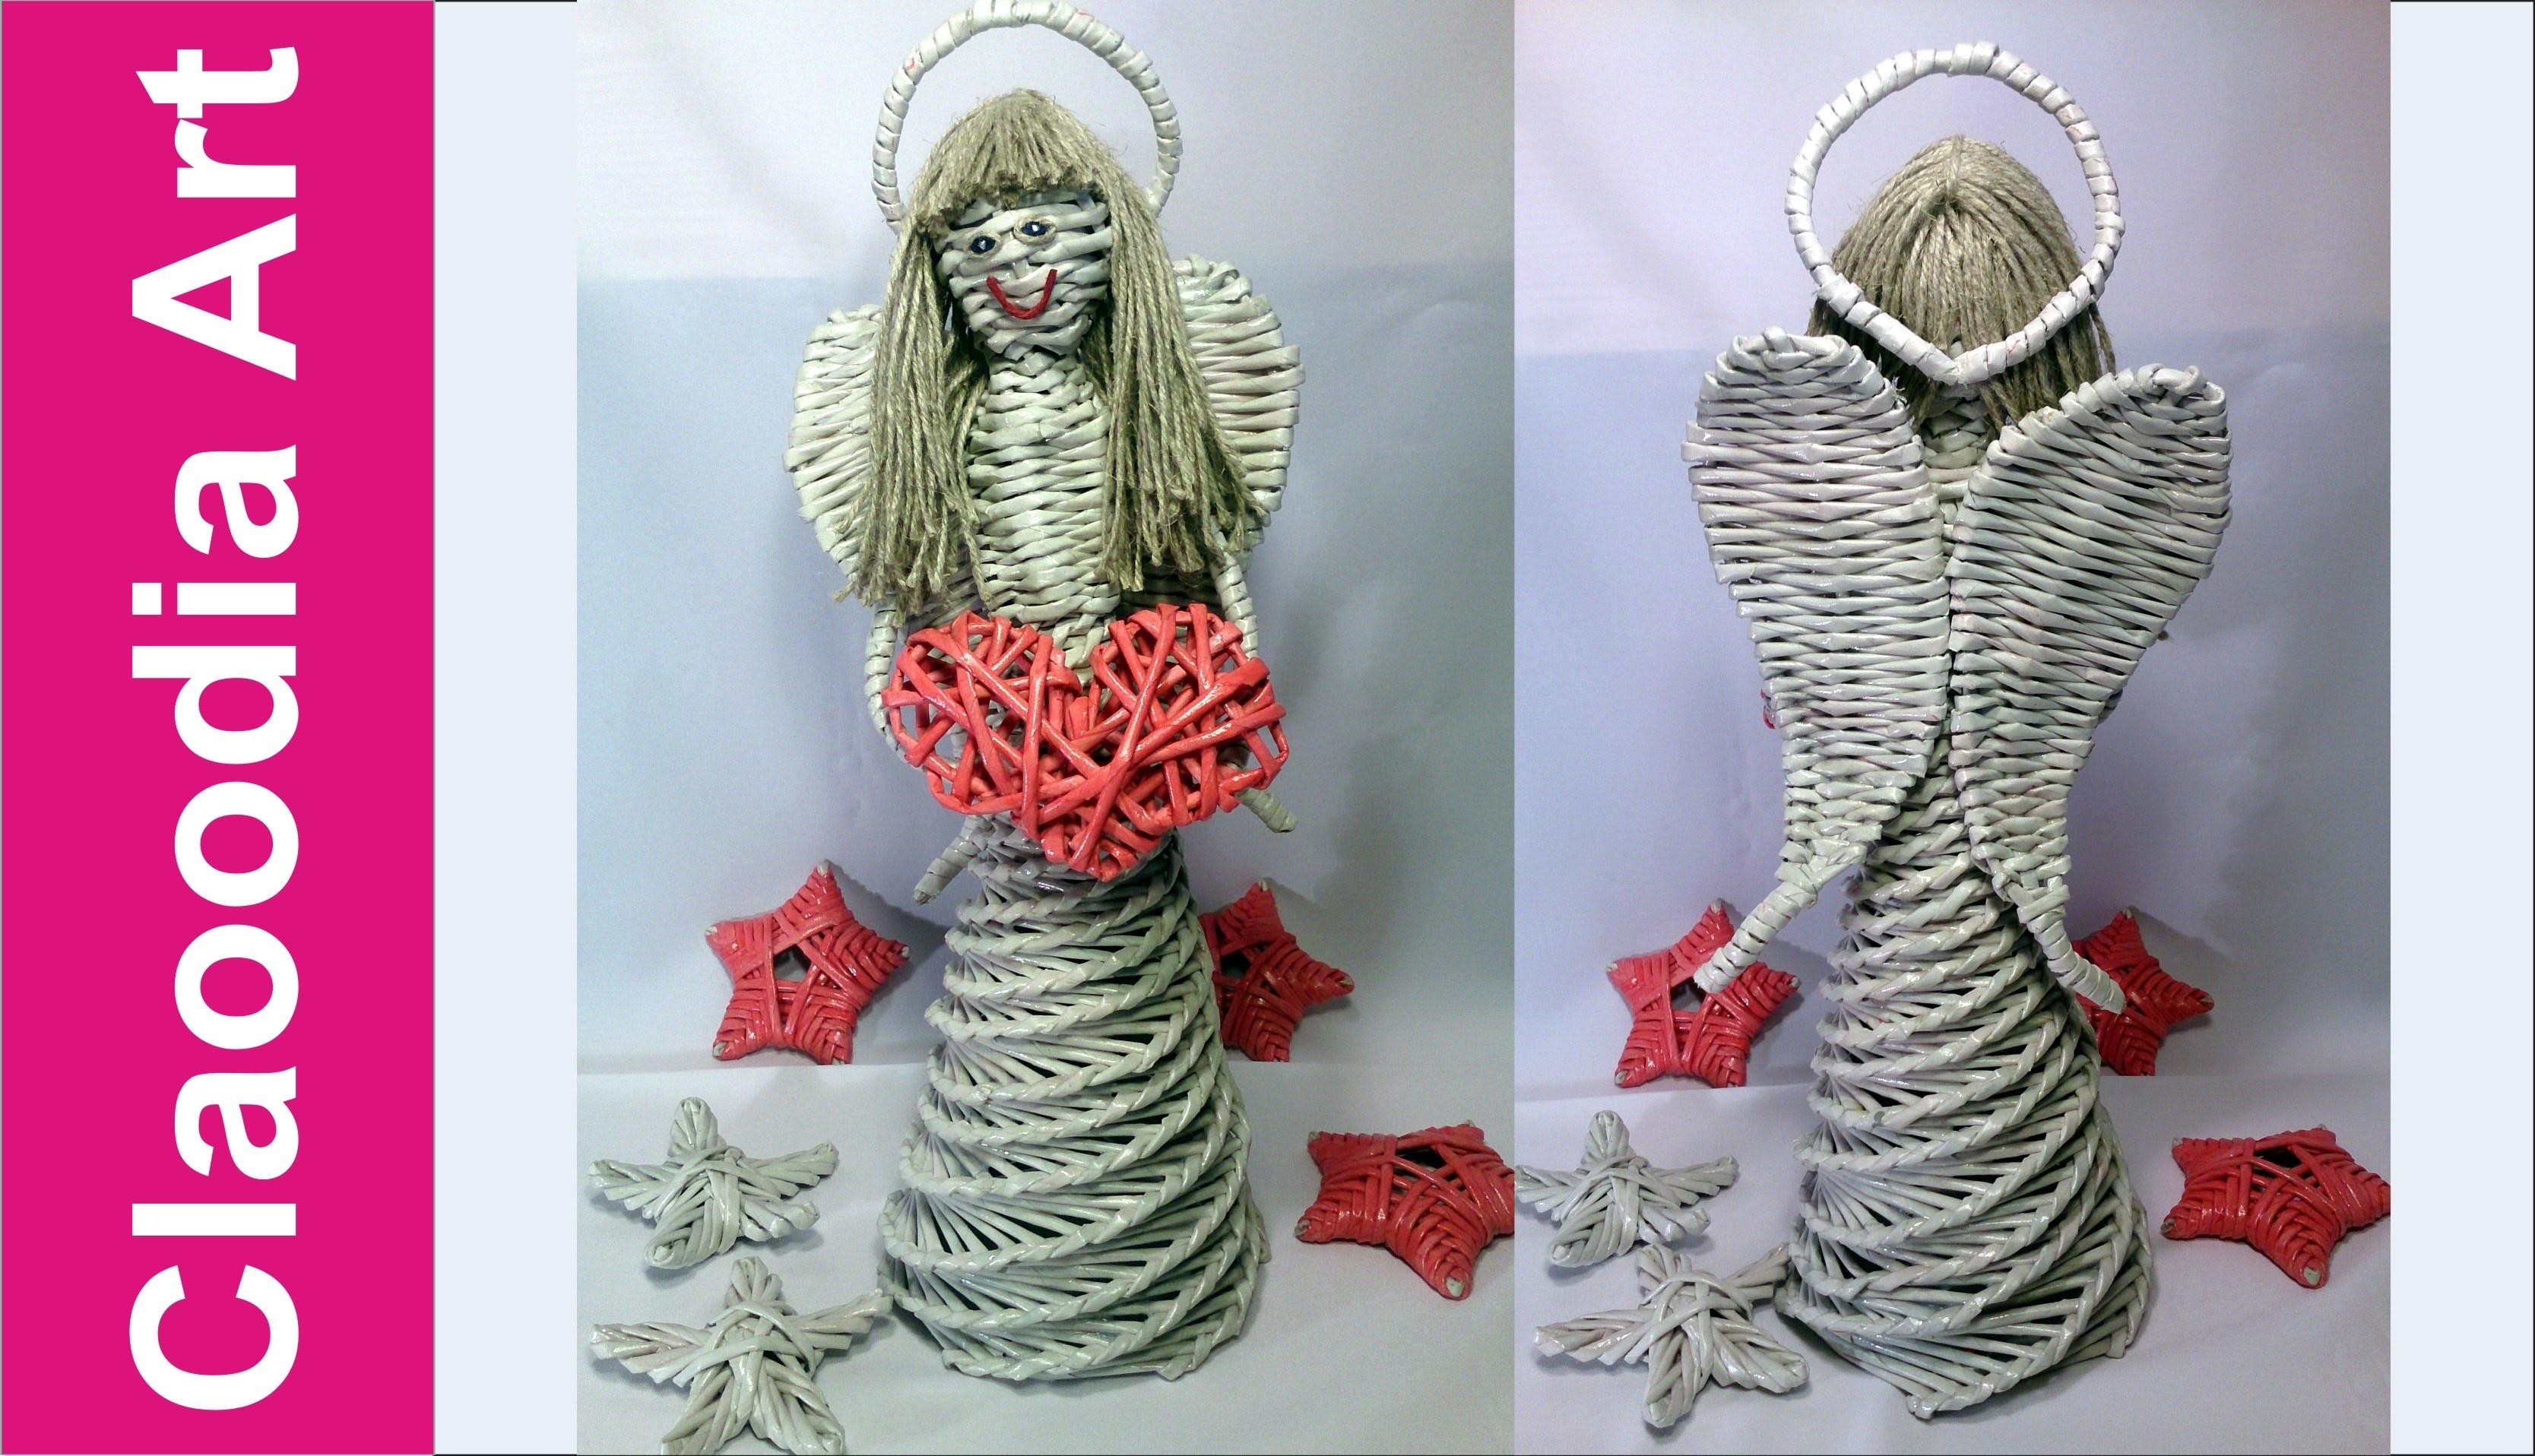 Anioł z papierowej wikliny (angel, wicker paper)